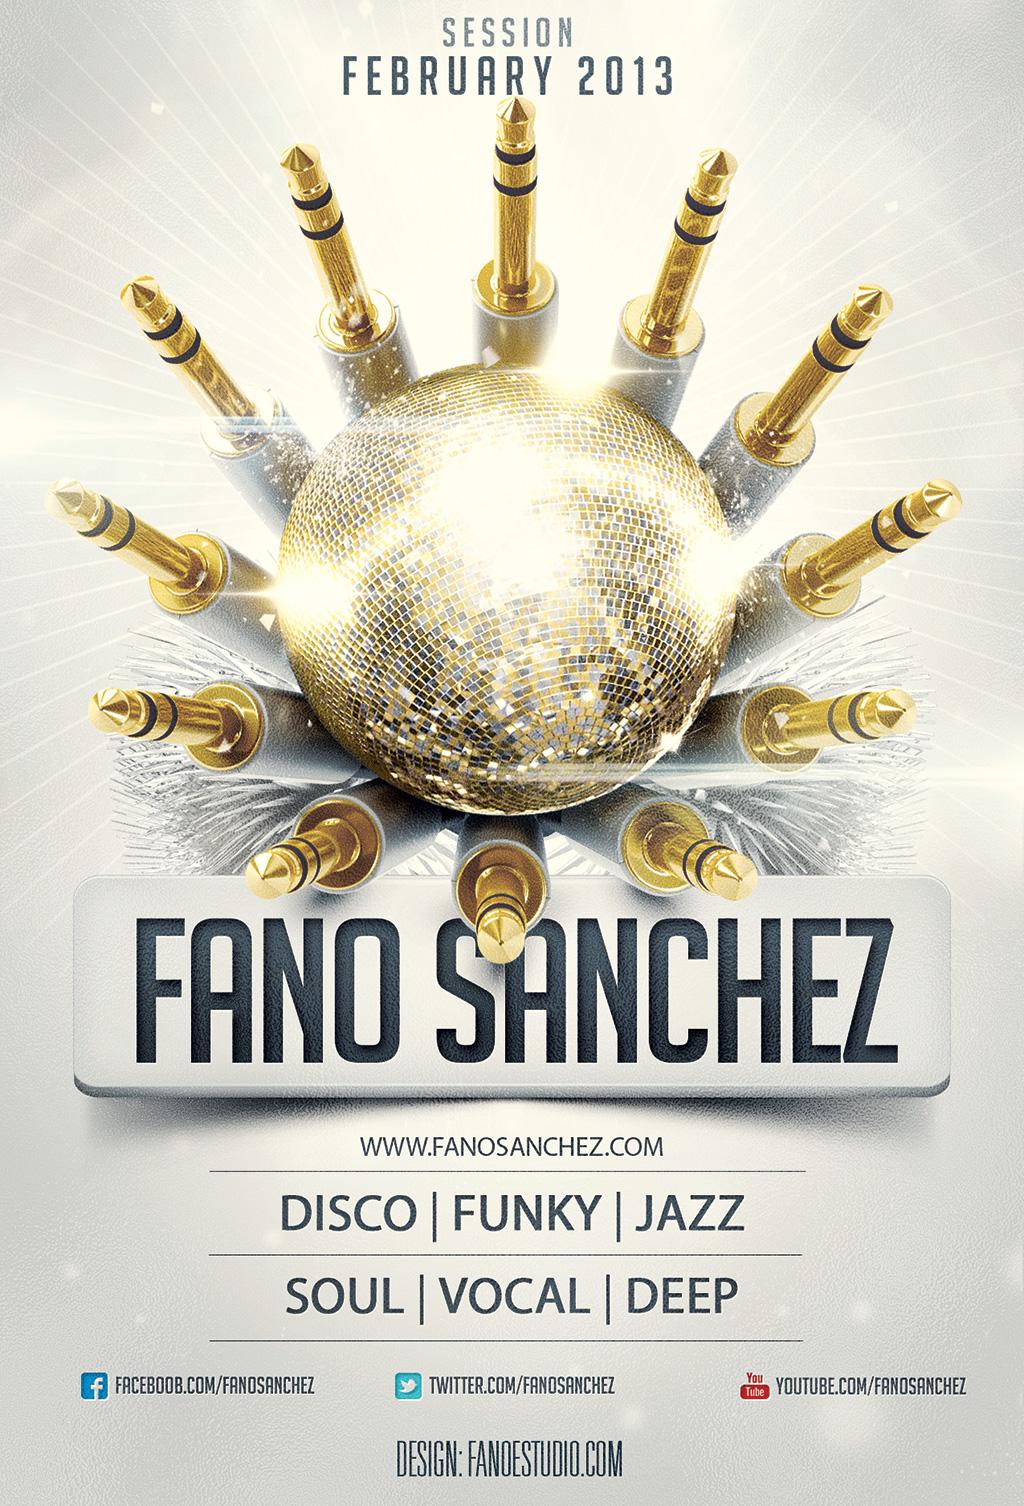 Fano Sánchez – Sesión Febrero 2013